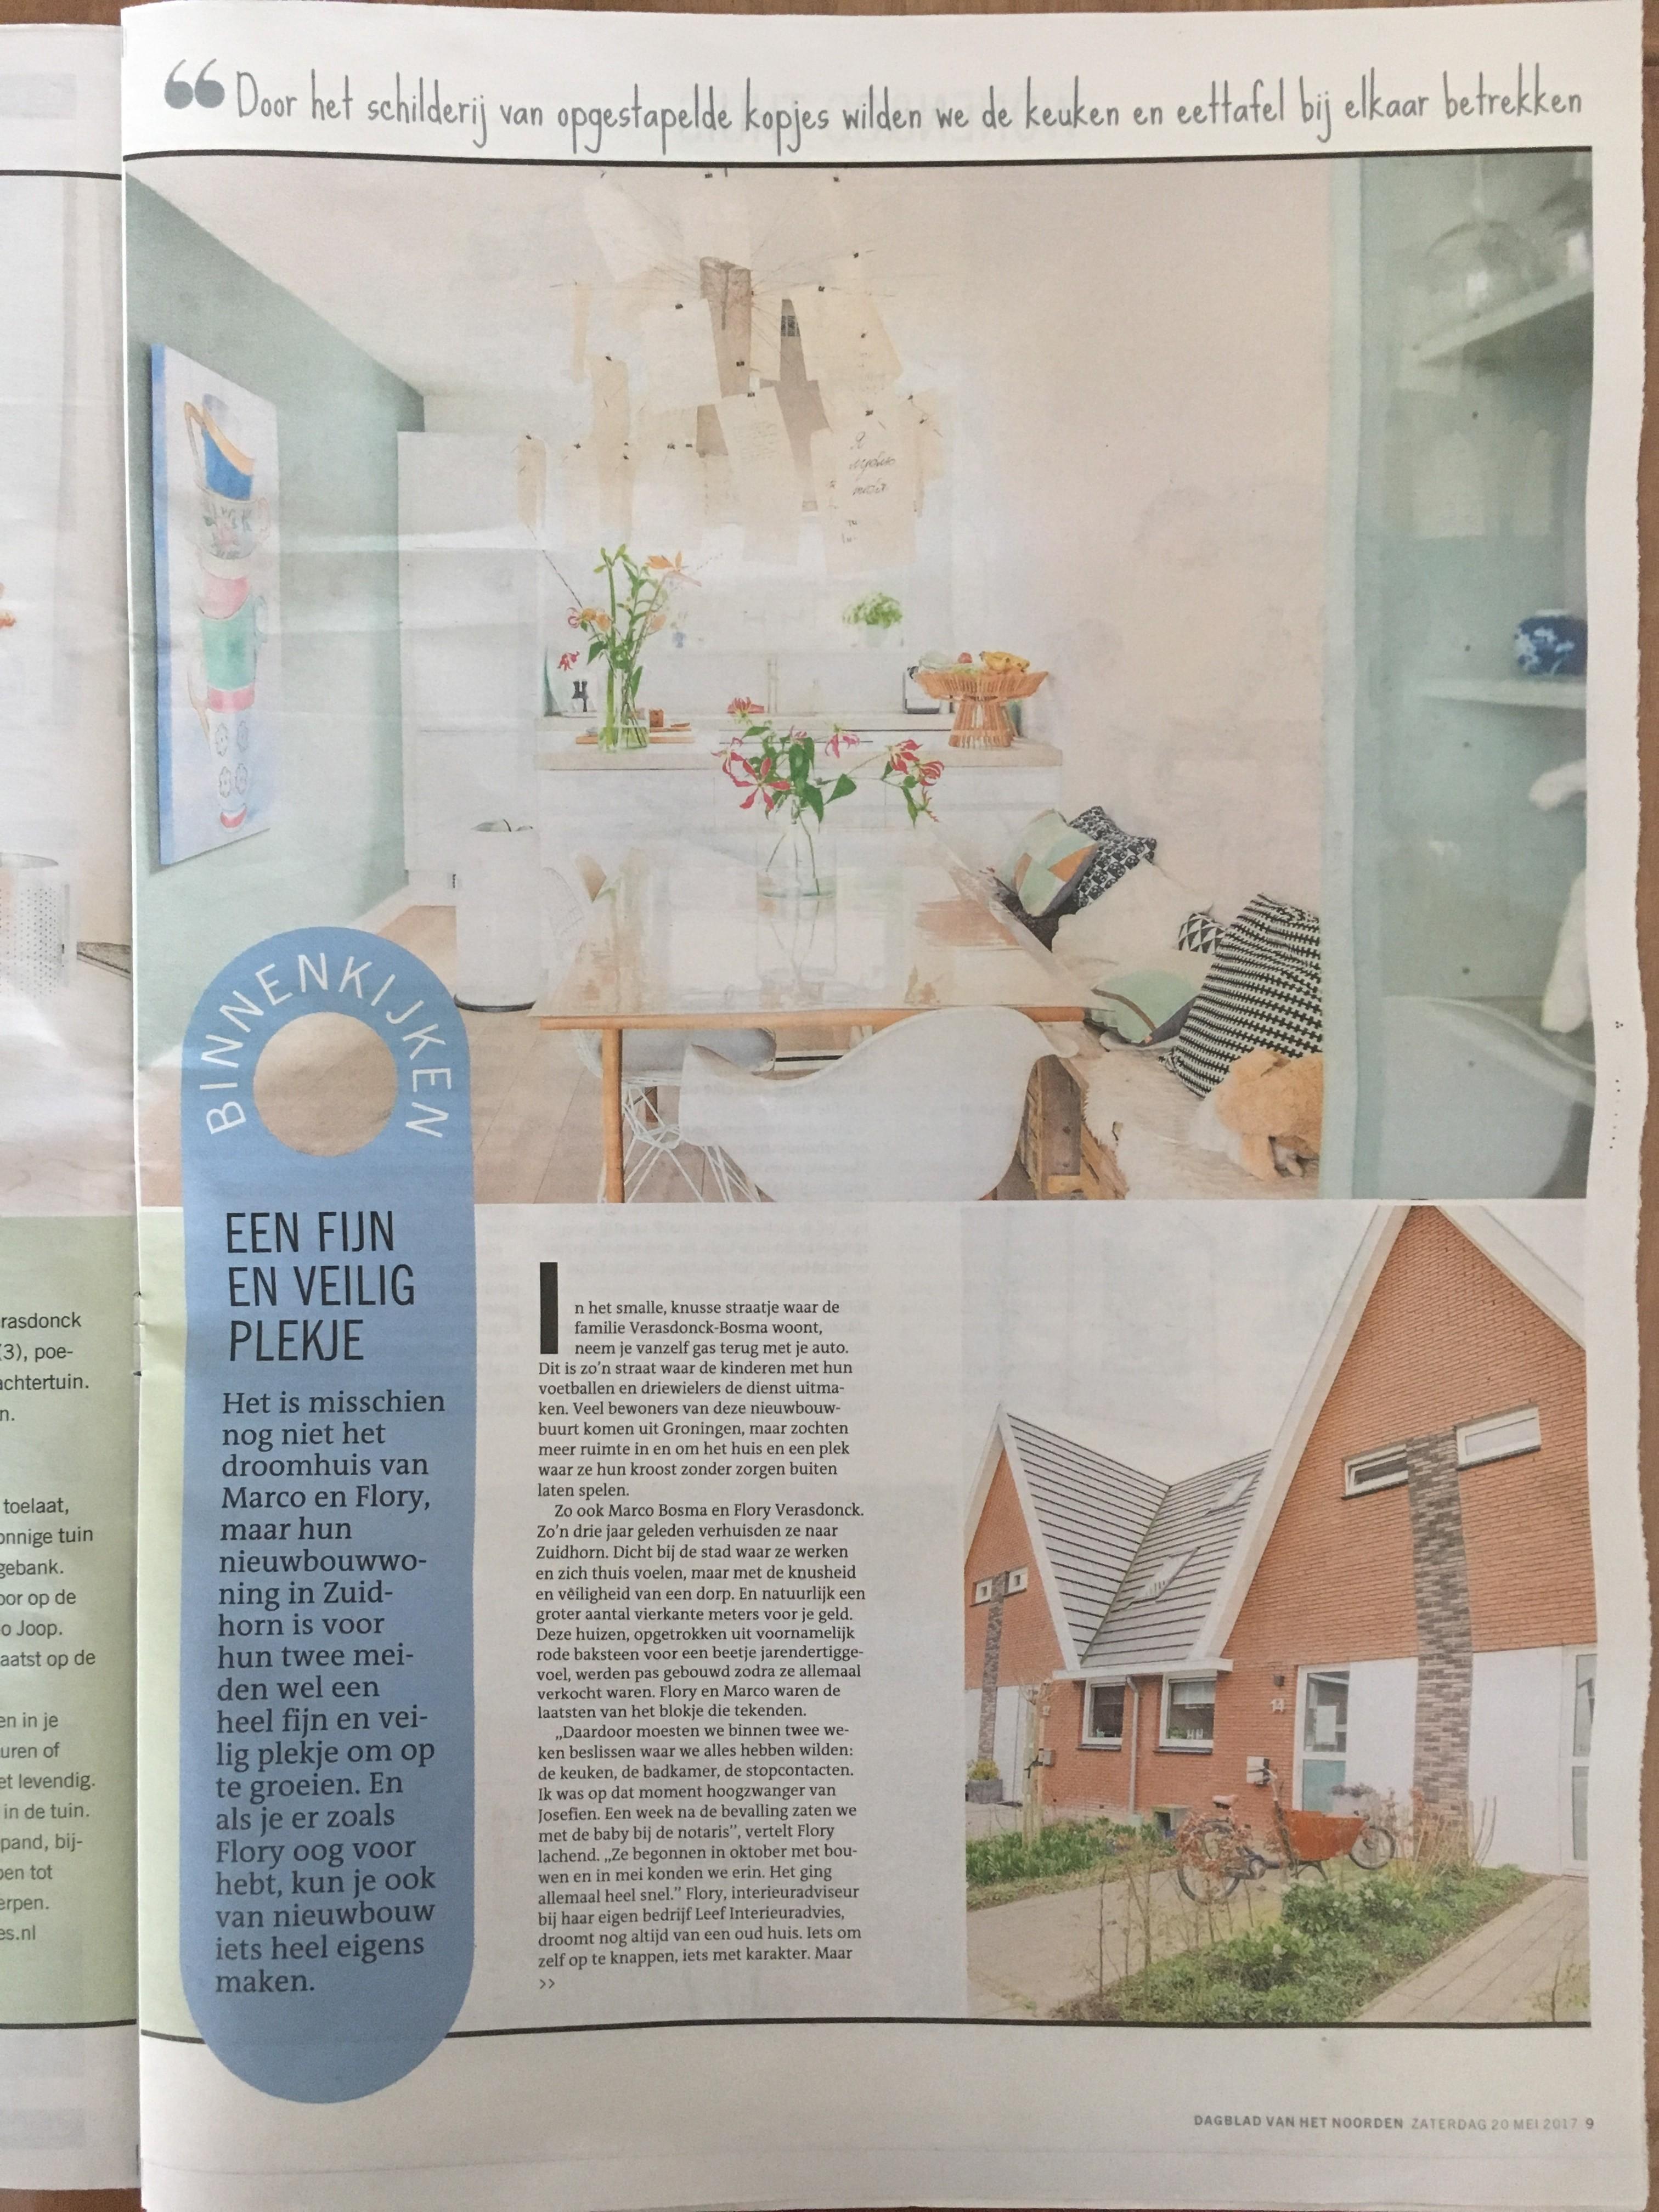 Wonen & Co (pagina 2), Dagblad van het Noorden / Leeuwarder Courant, zaterdag 20 mei 2017